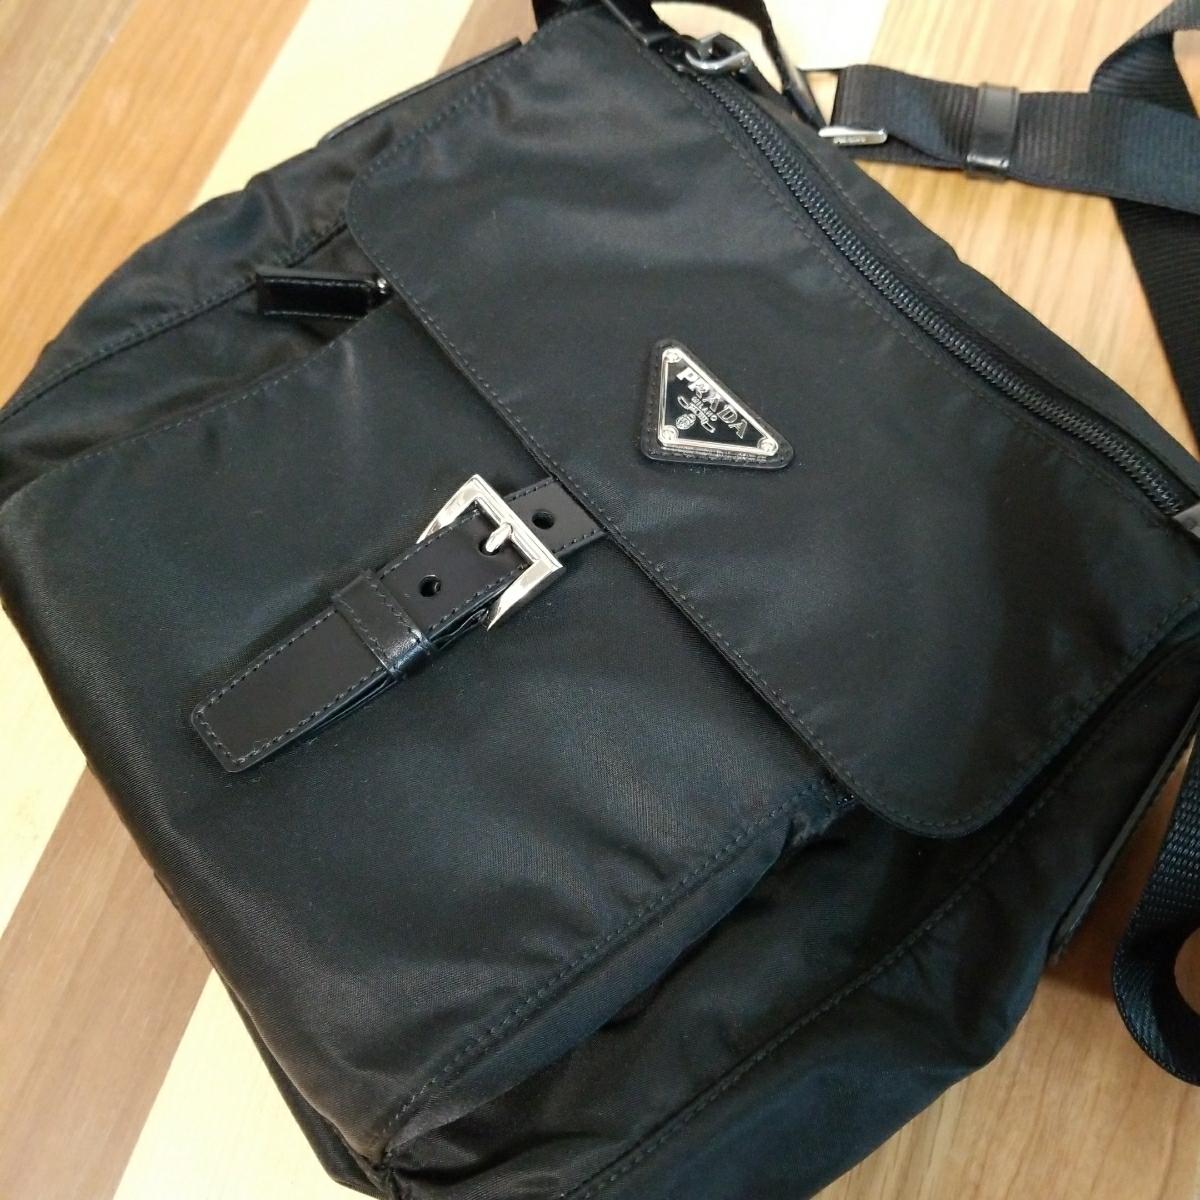 【正規品】新品 PRADA プラダ ショルダーバッグ 保存袋・ギャランティカード付 気持ち良く使って頂けます_画像8